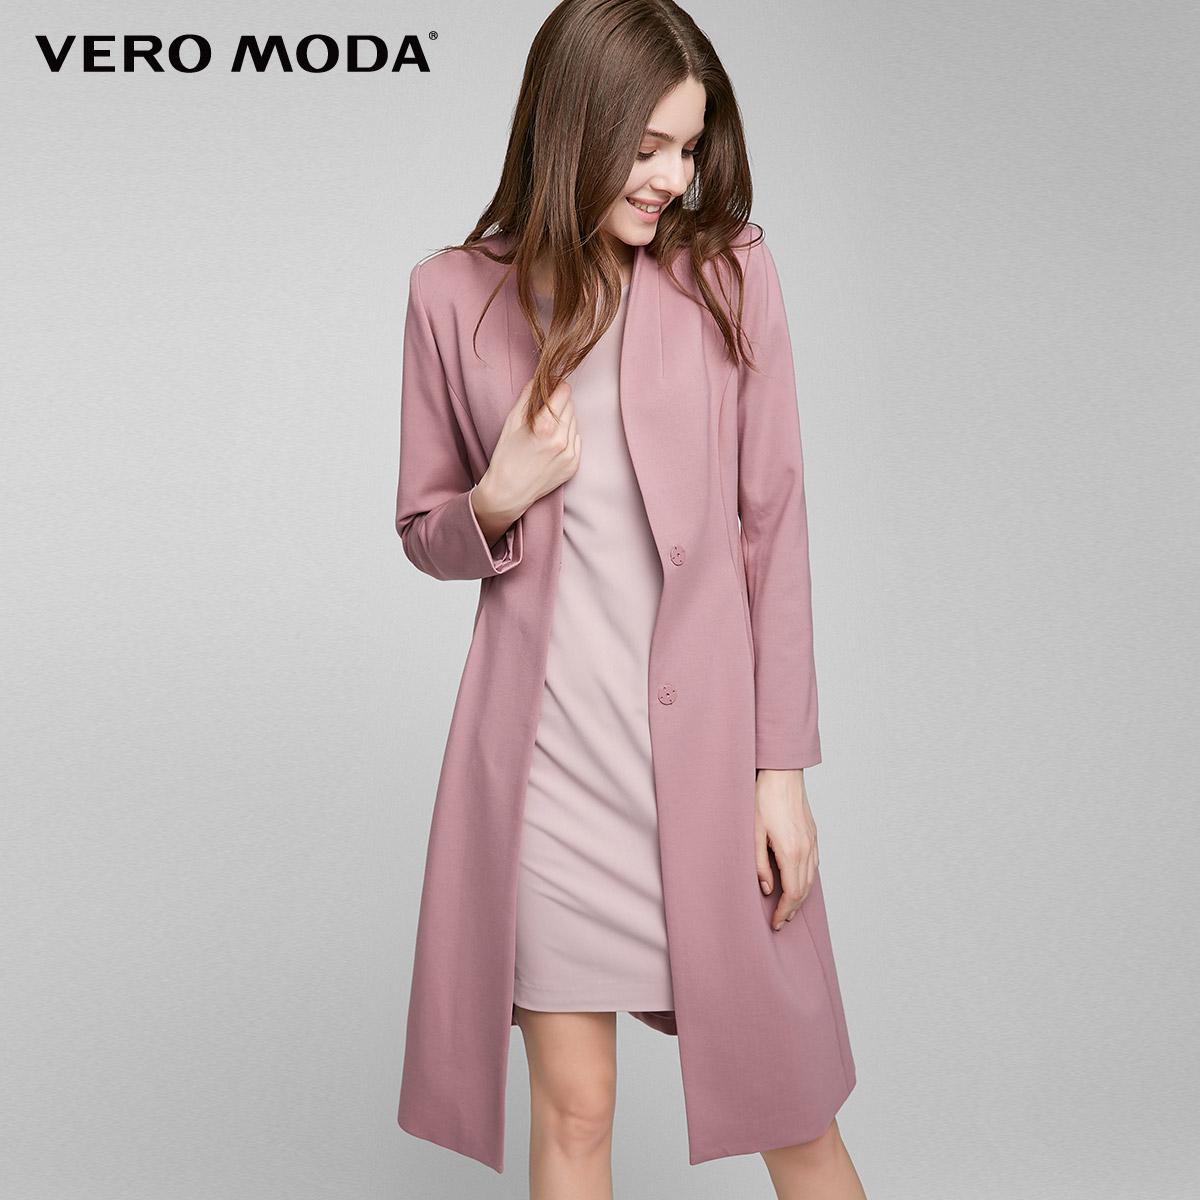 Vero Moda2017新品暗扣捏褶绑带风衣外套|317121521